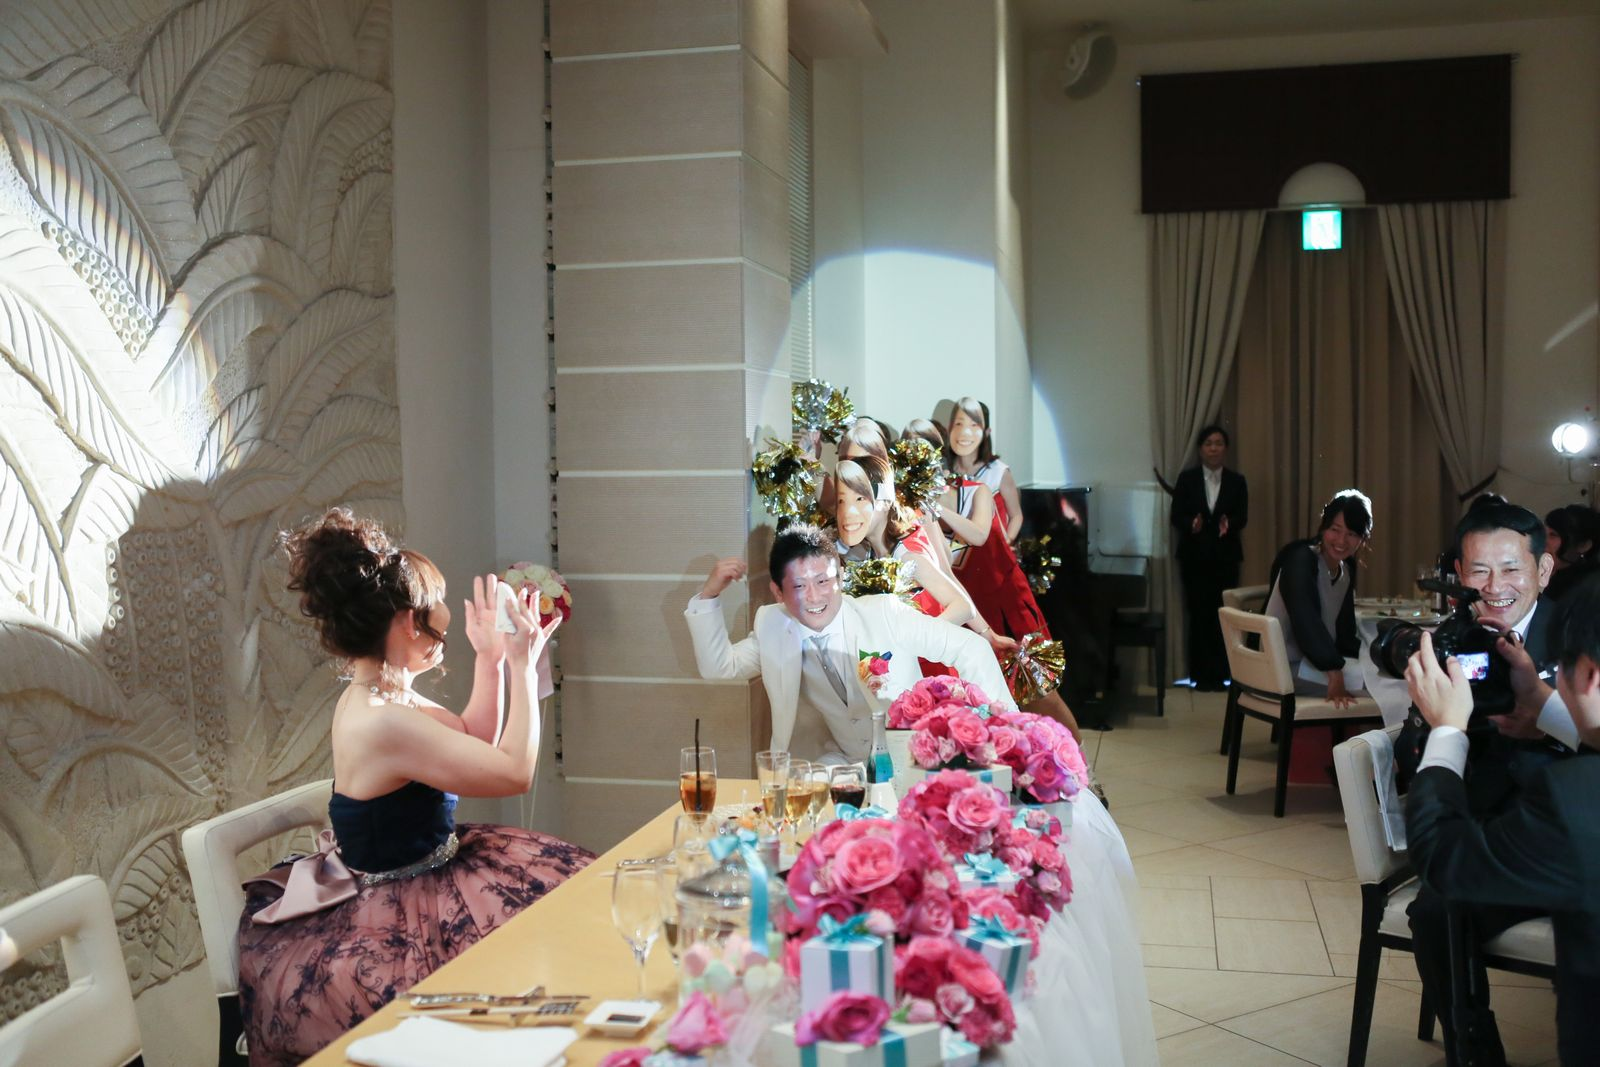 高松市の結婚式場アイルバレクラブで新婦友人と新郎がサプライズ余興